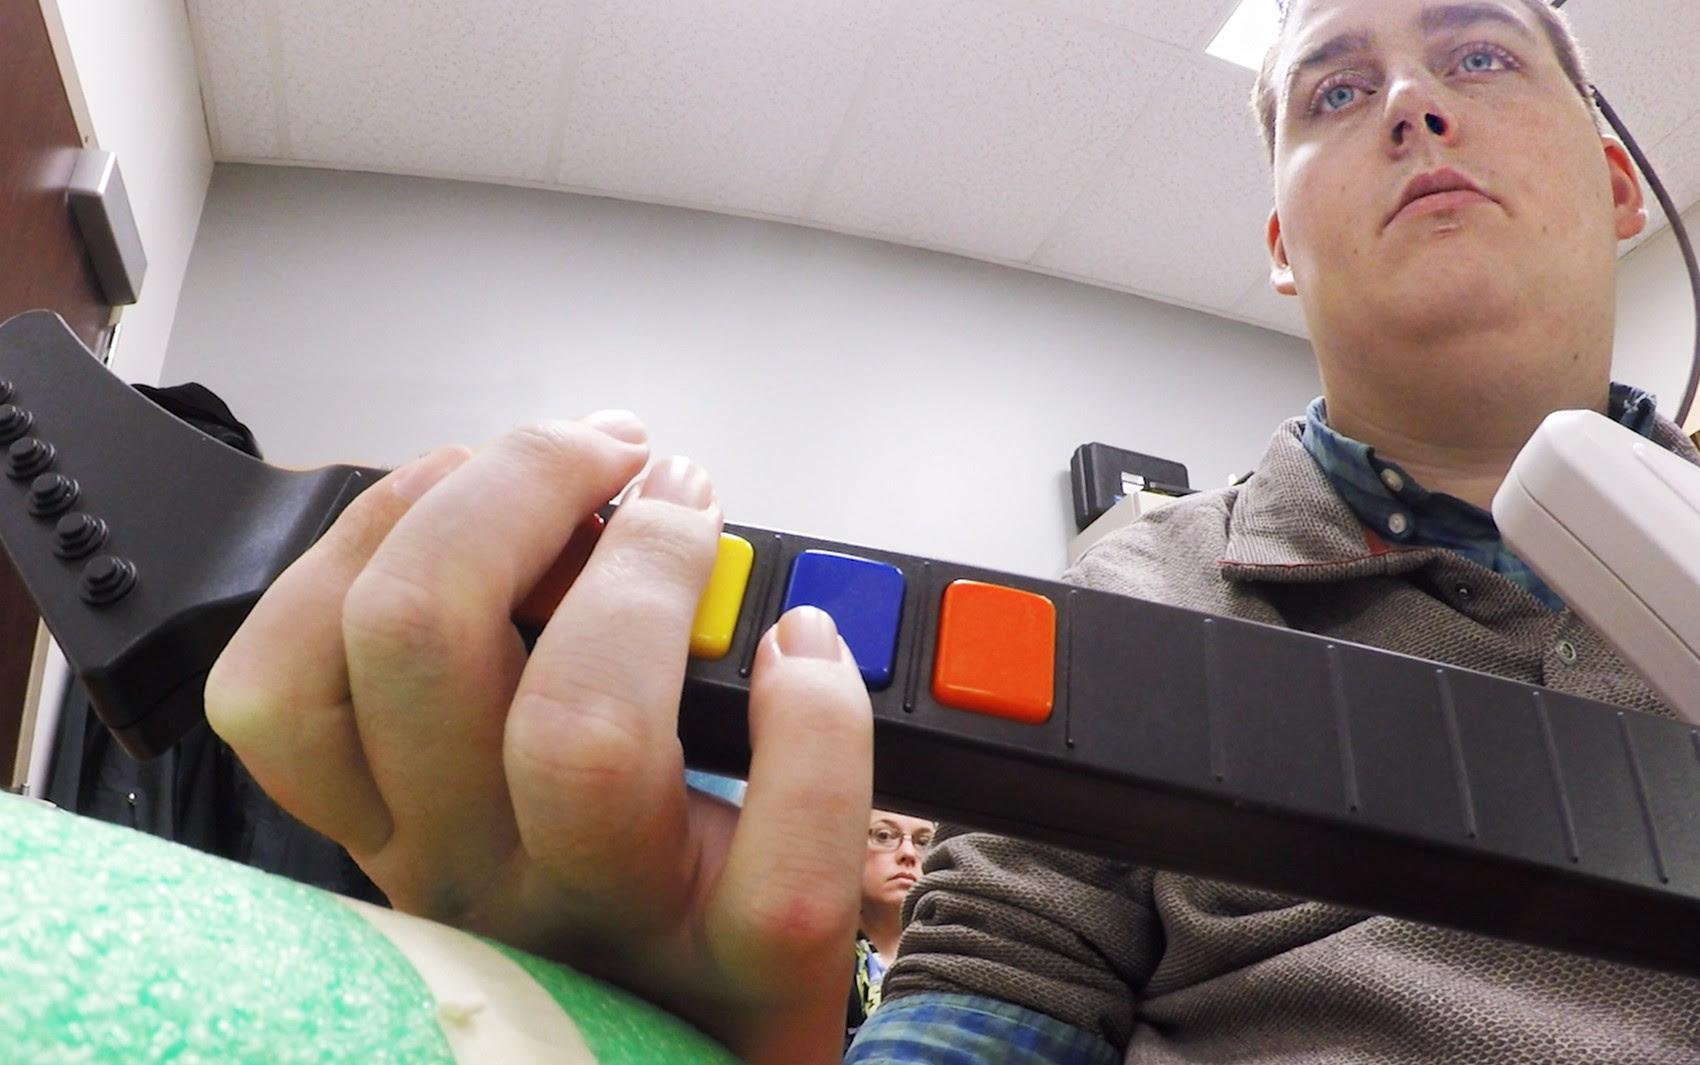 Ian Burkhart, de 24 anos, toca guitarra de videogame durante estudo com a tecnologia de bypass neural; chip no cérebro de Burkhart lê seus pensamentos, os decodifica e envia sianais a uma manga em seu braço que permite que ele mova suas mãos  (Foto: Ohio State University Wexner Medical Center/ Batelle)